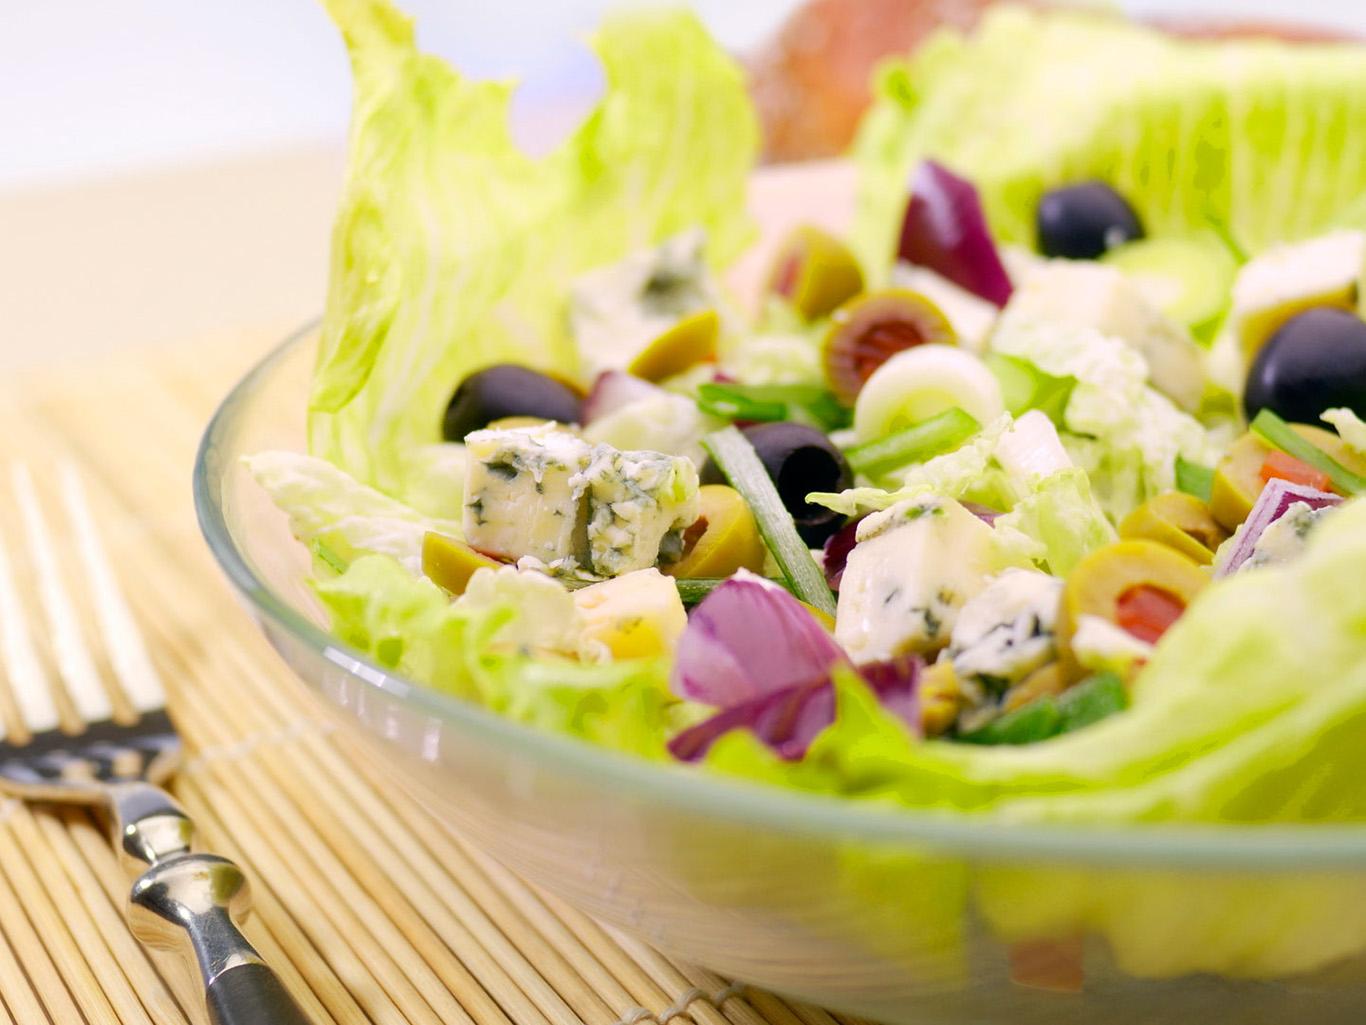 здоровое питание и профилактика гиподинамии